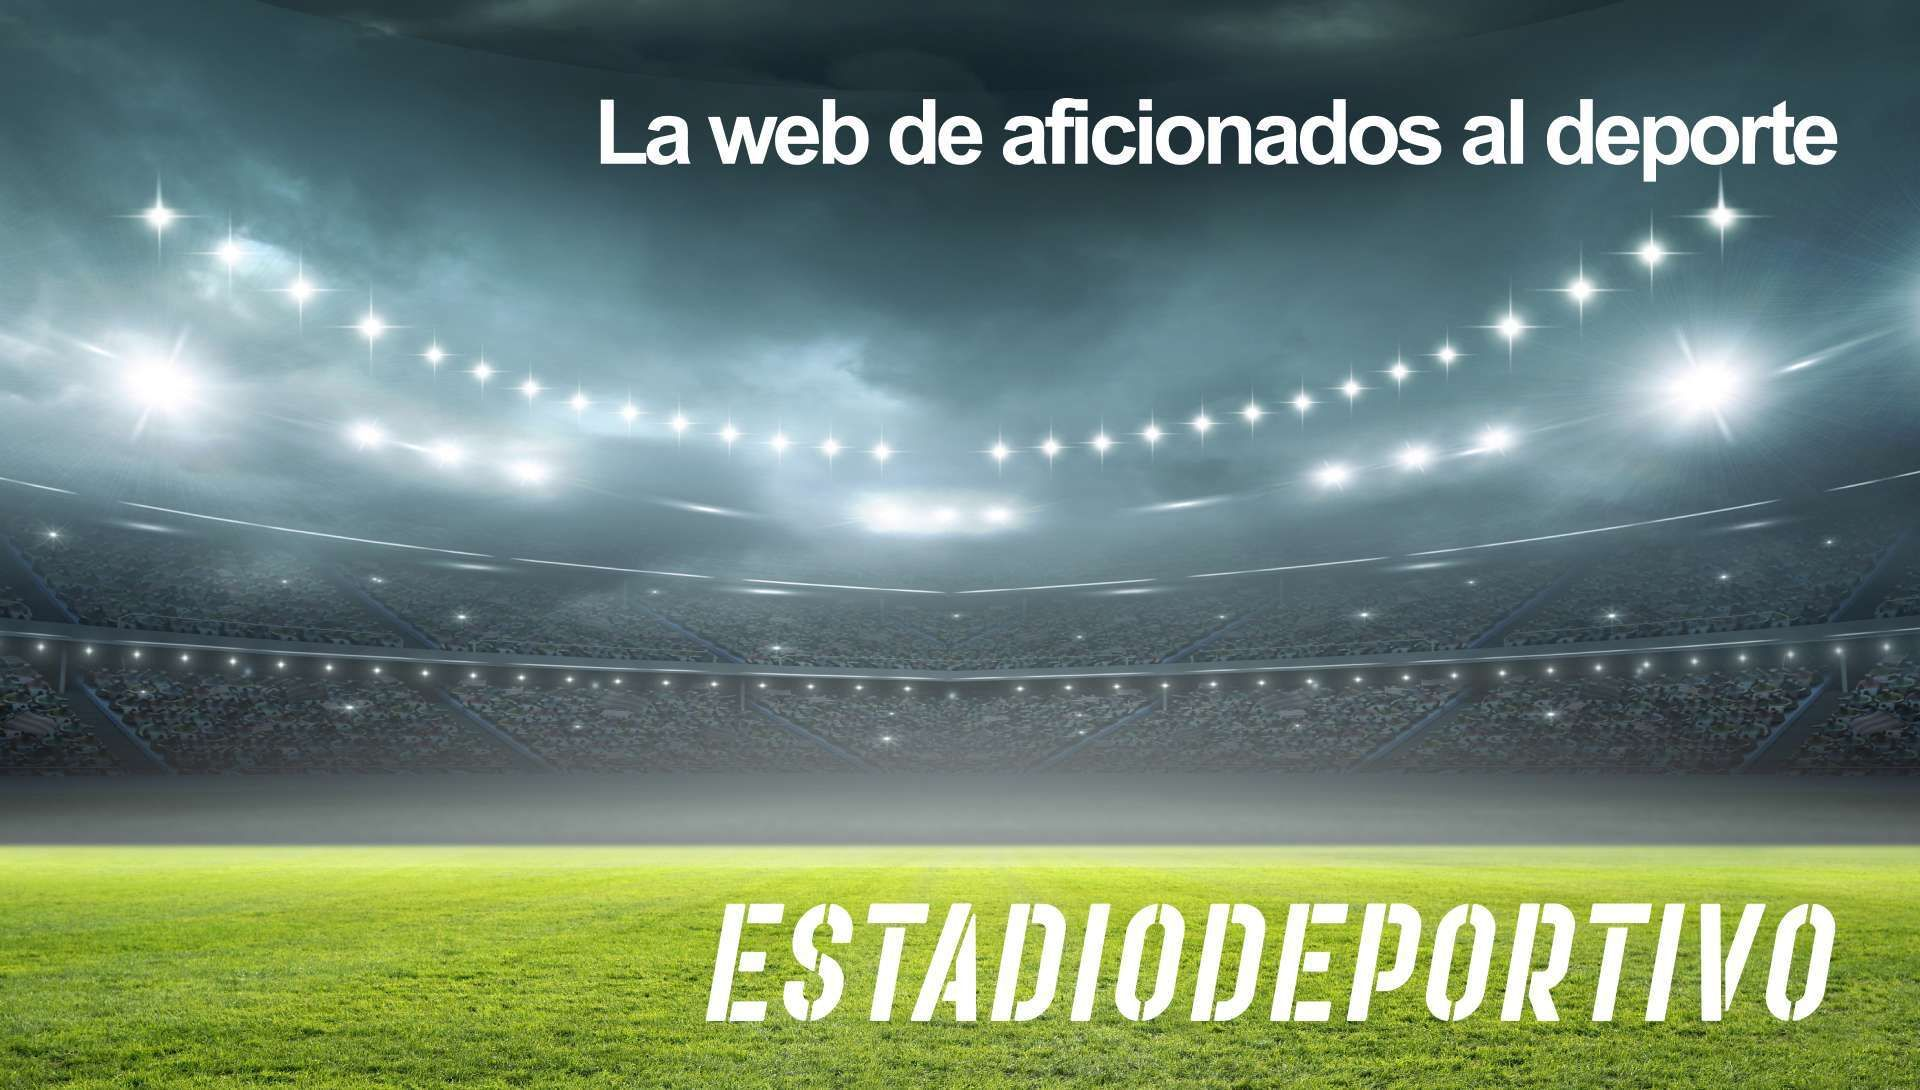 Las portadas del 19 de septiembre